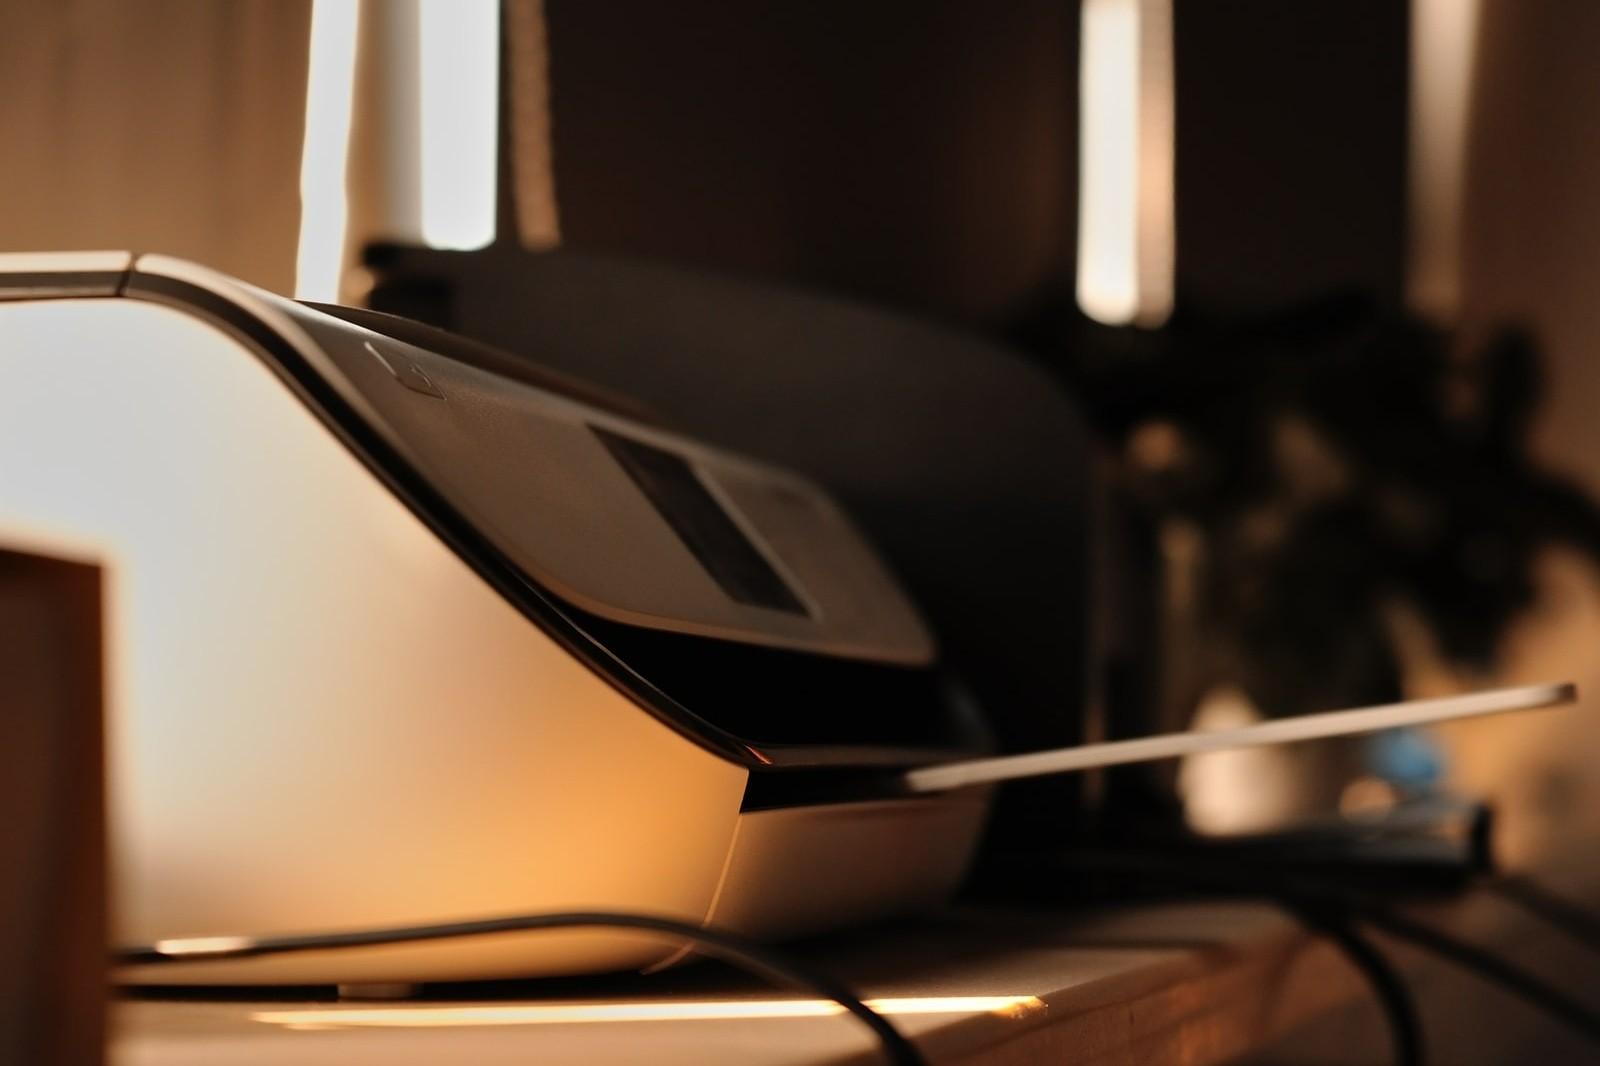 laser multifunktionsdrucker für zu hause